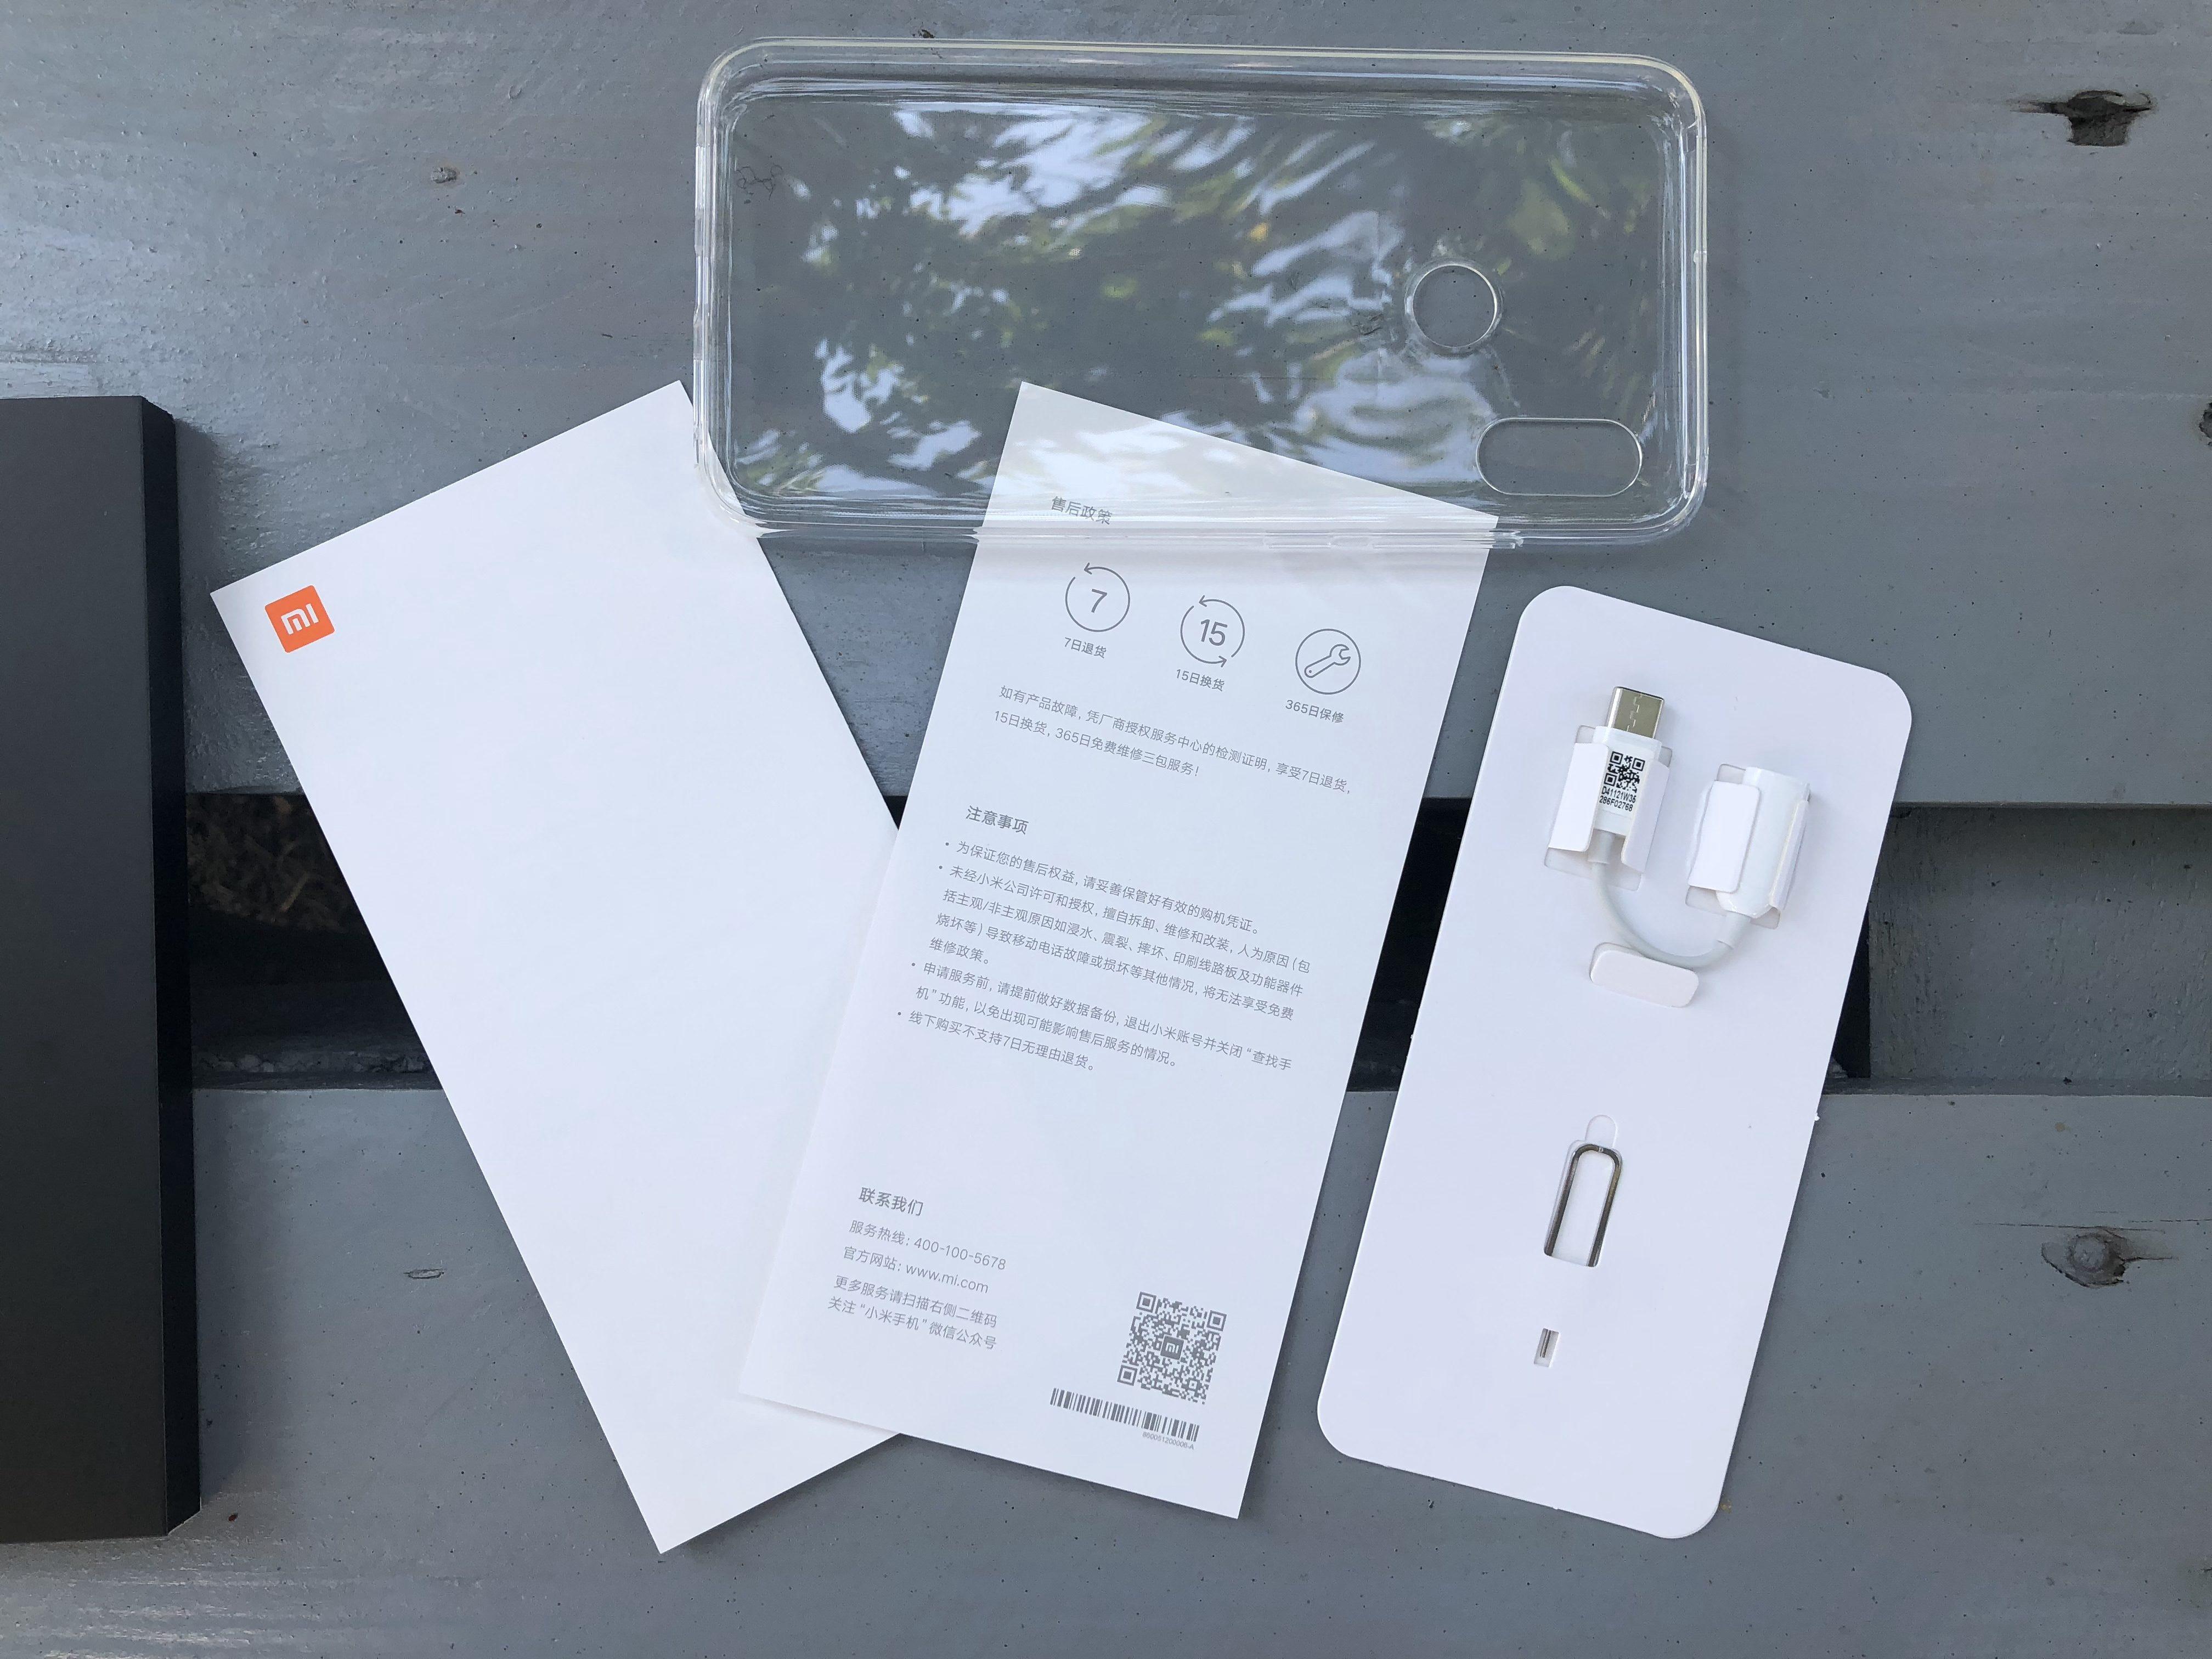 Xiaomi Mi 8 unpacking